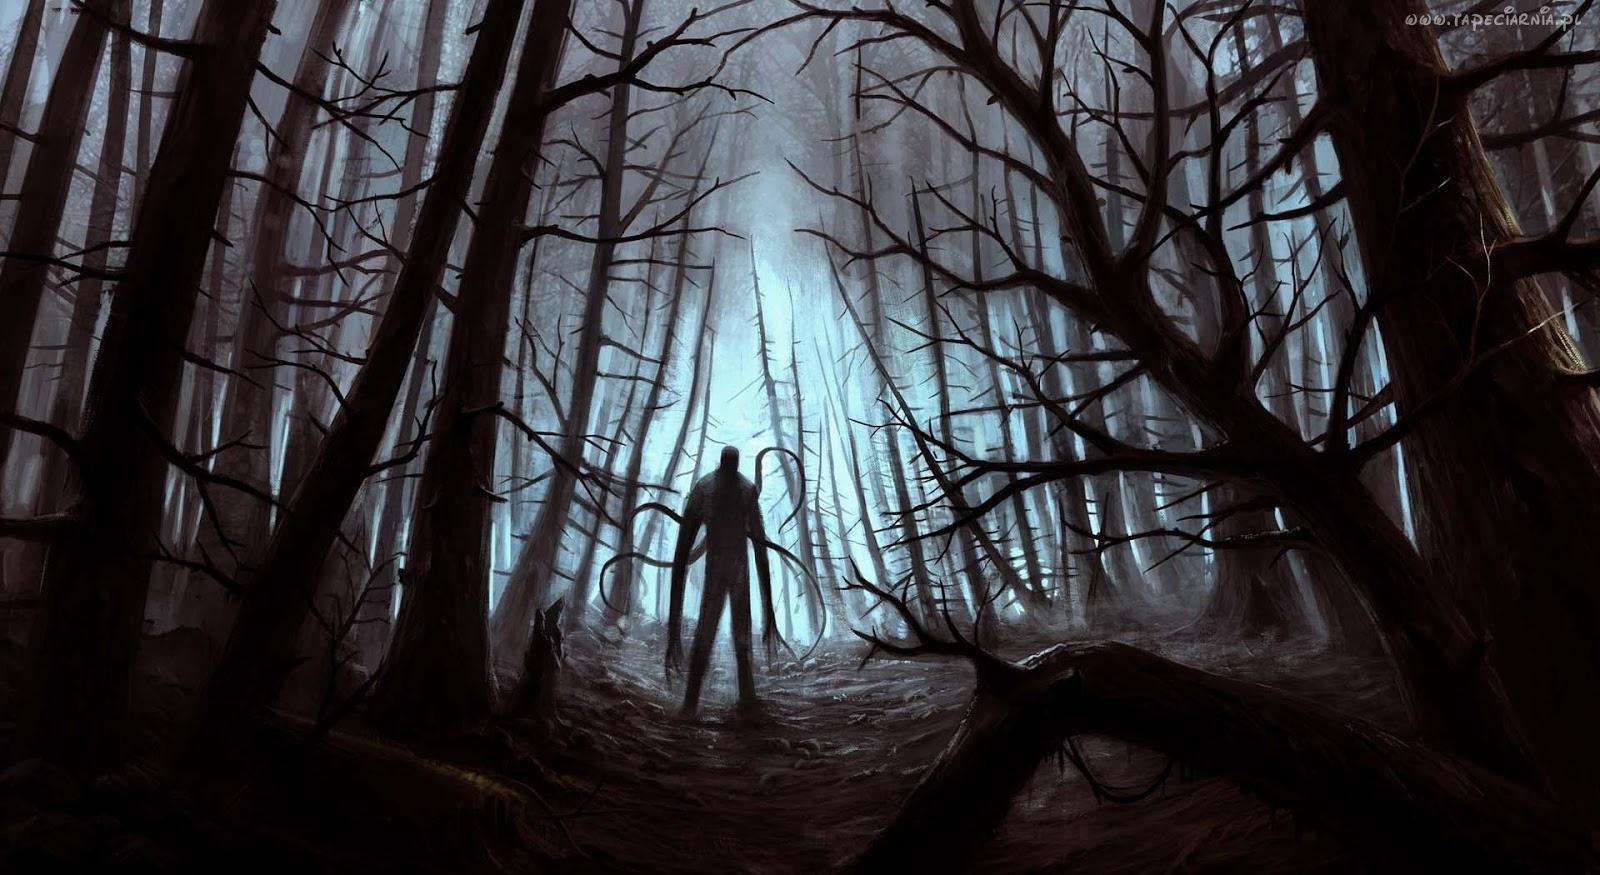 Znalezione obrazy dla zapytania Jedna osoba w lesie